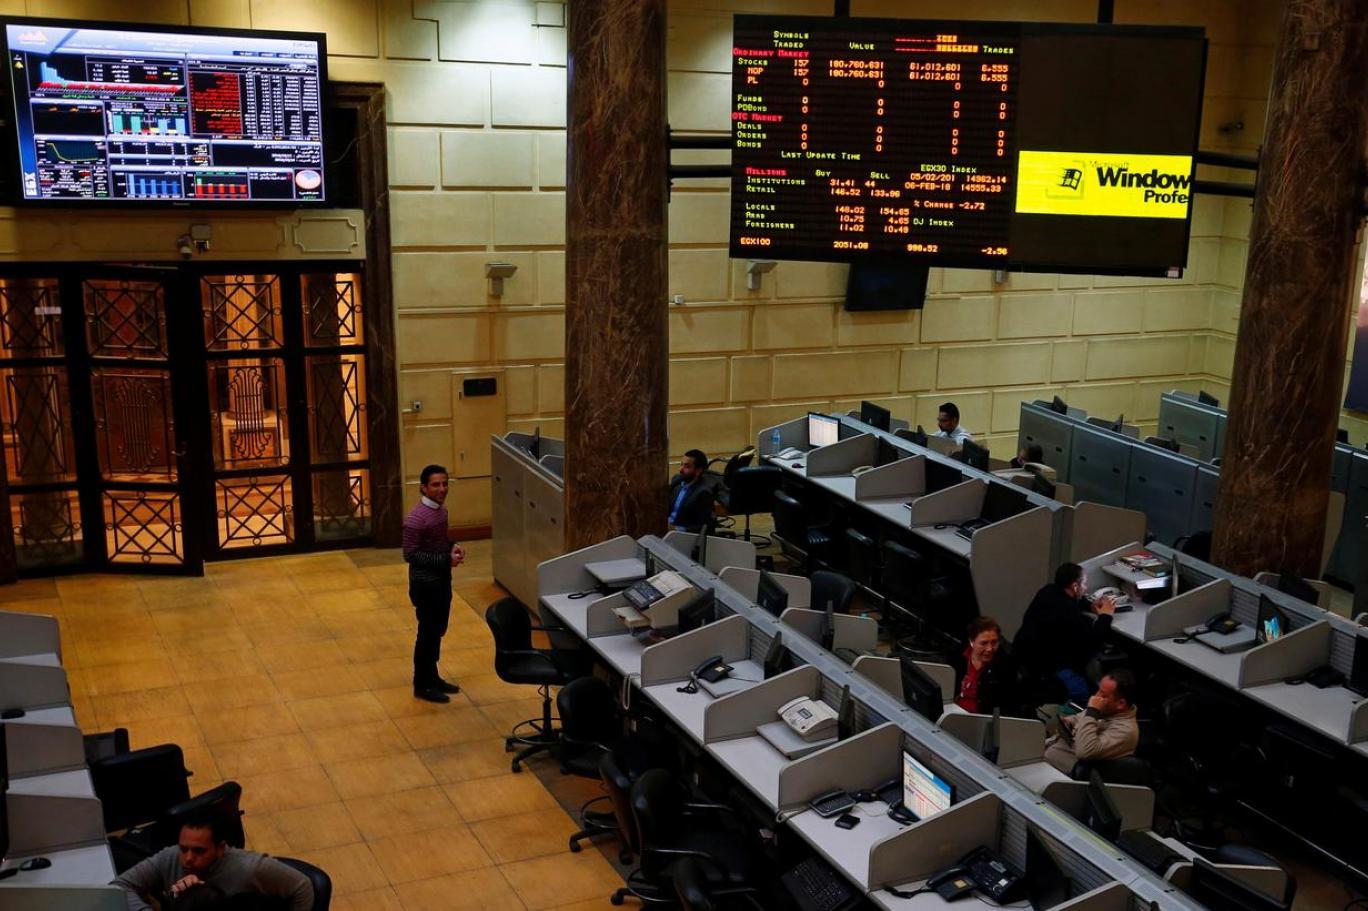 البورصة تواصل الهبوط بالمنتصف بدفع مبيعات العرب - جريدة المال